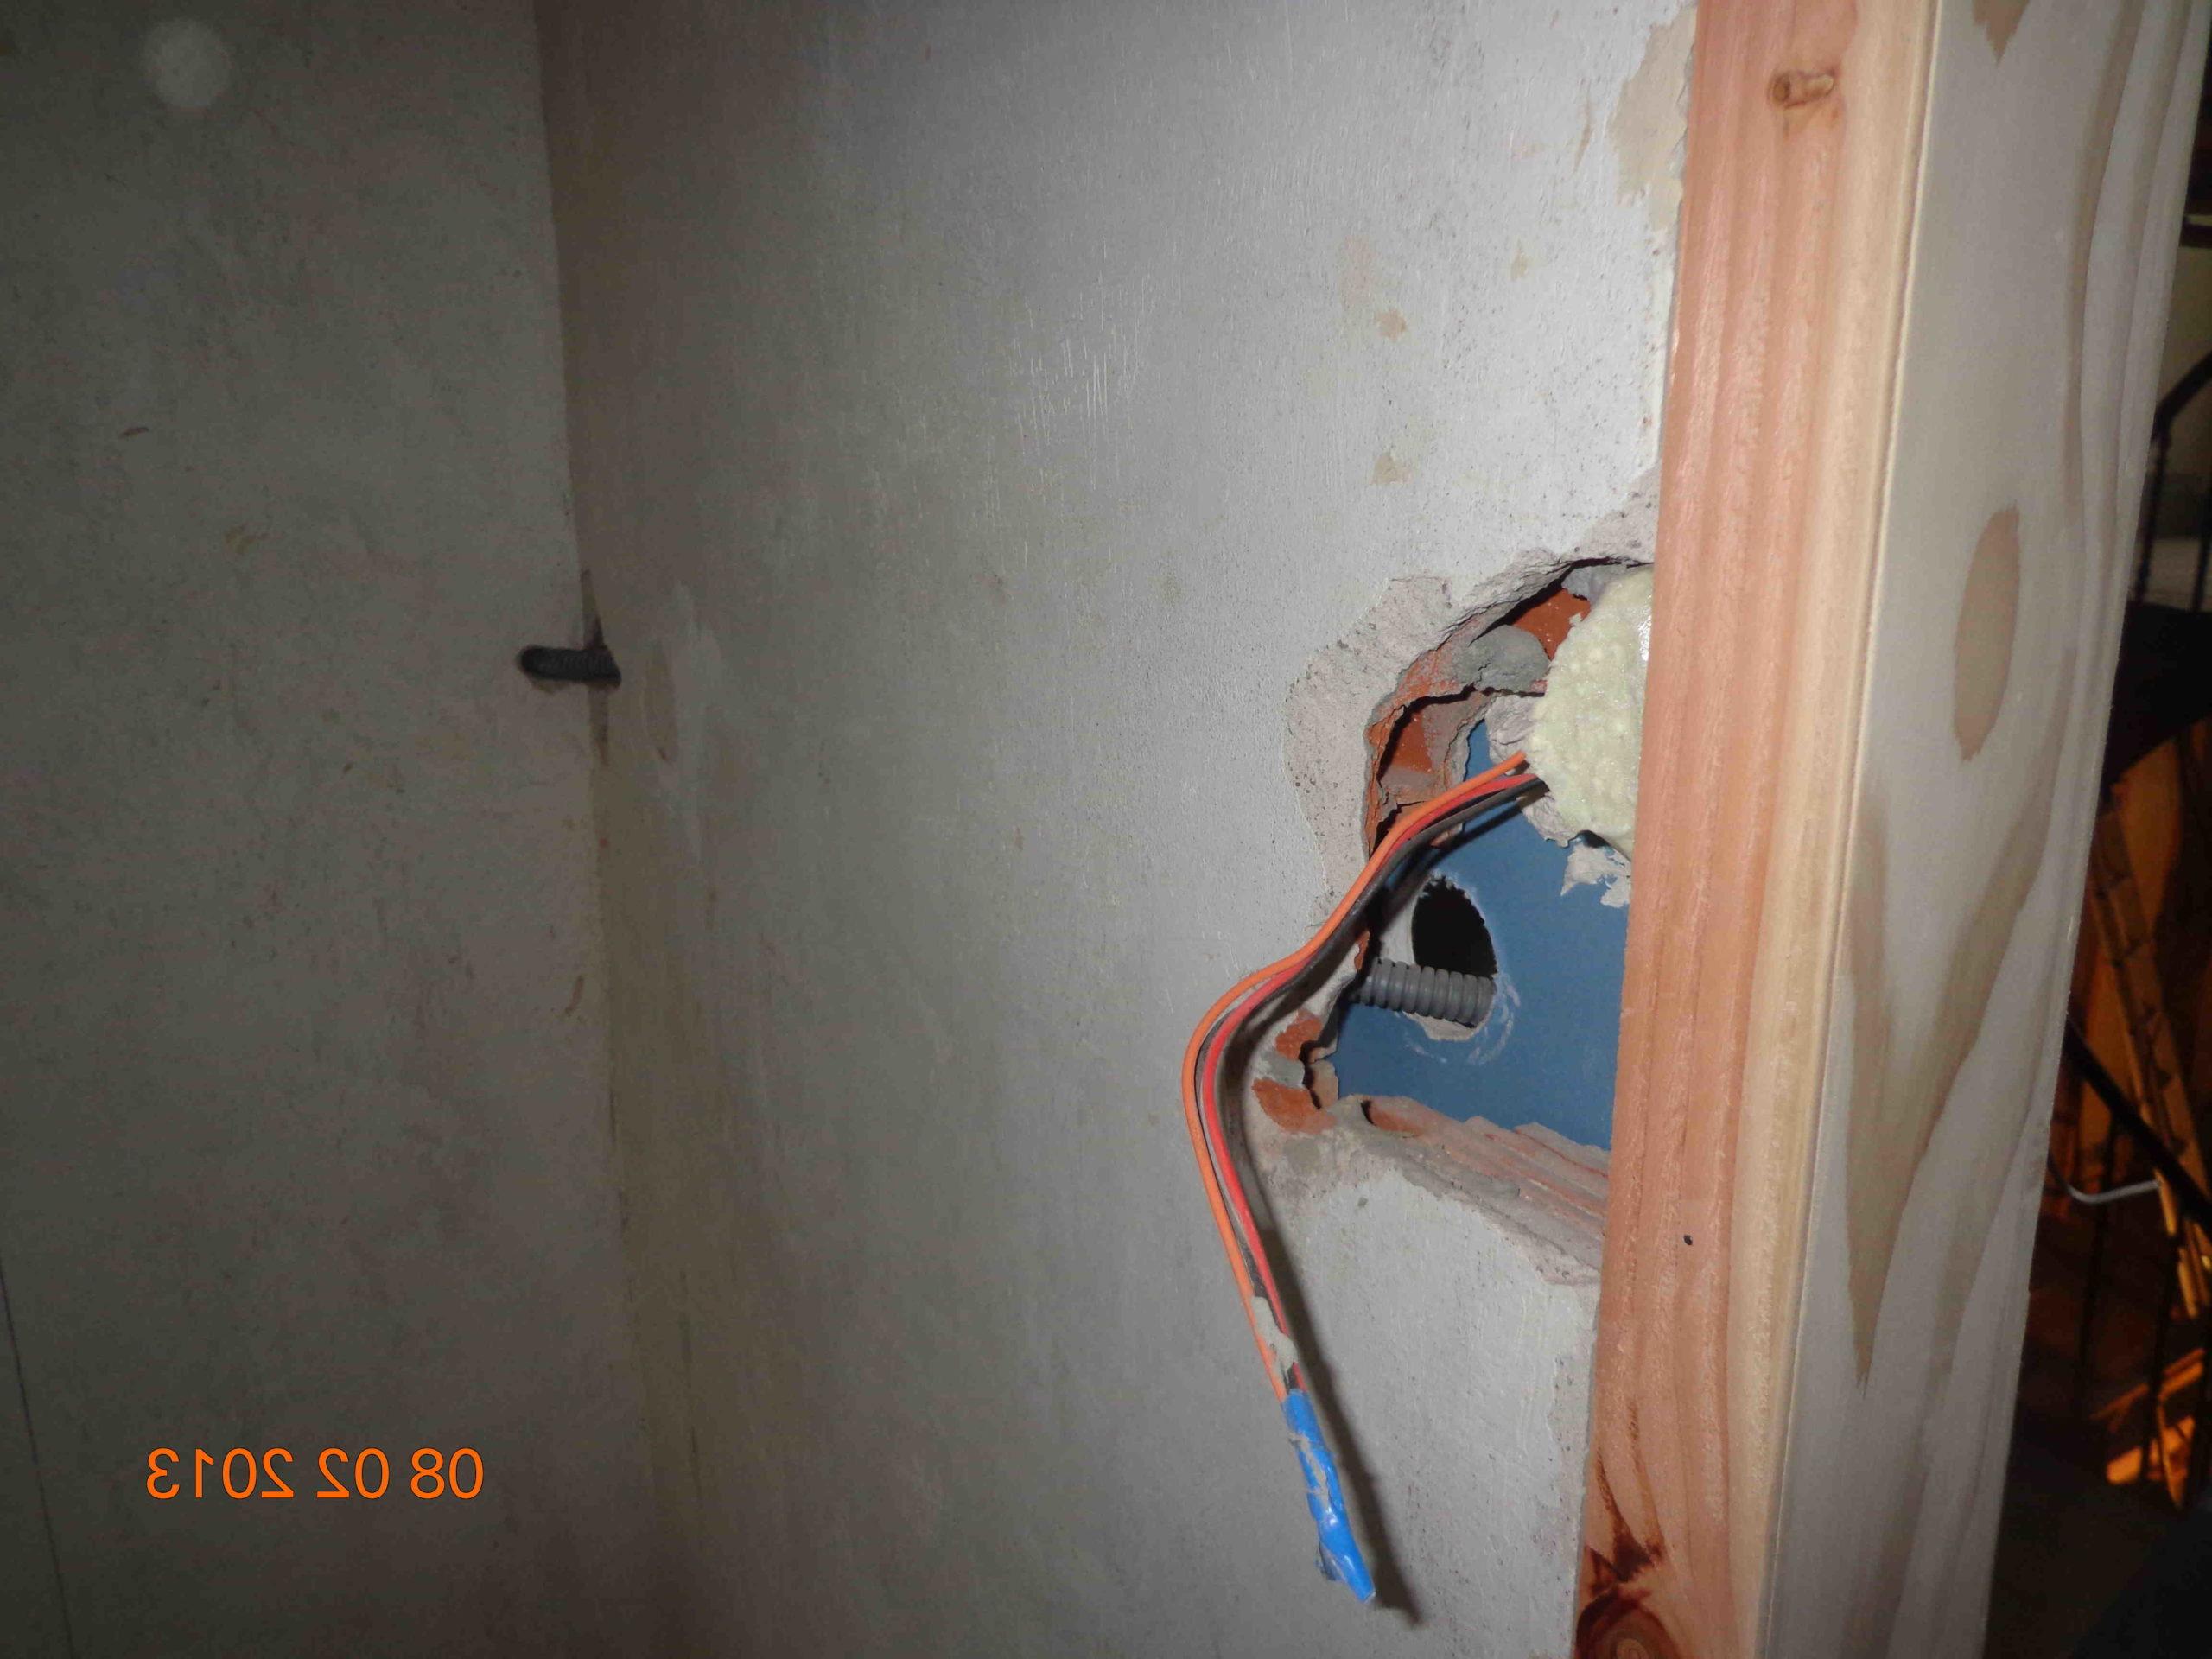 Comment ajouter un interrupteur à un circuit existant?